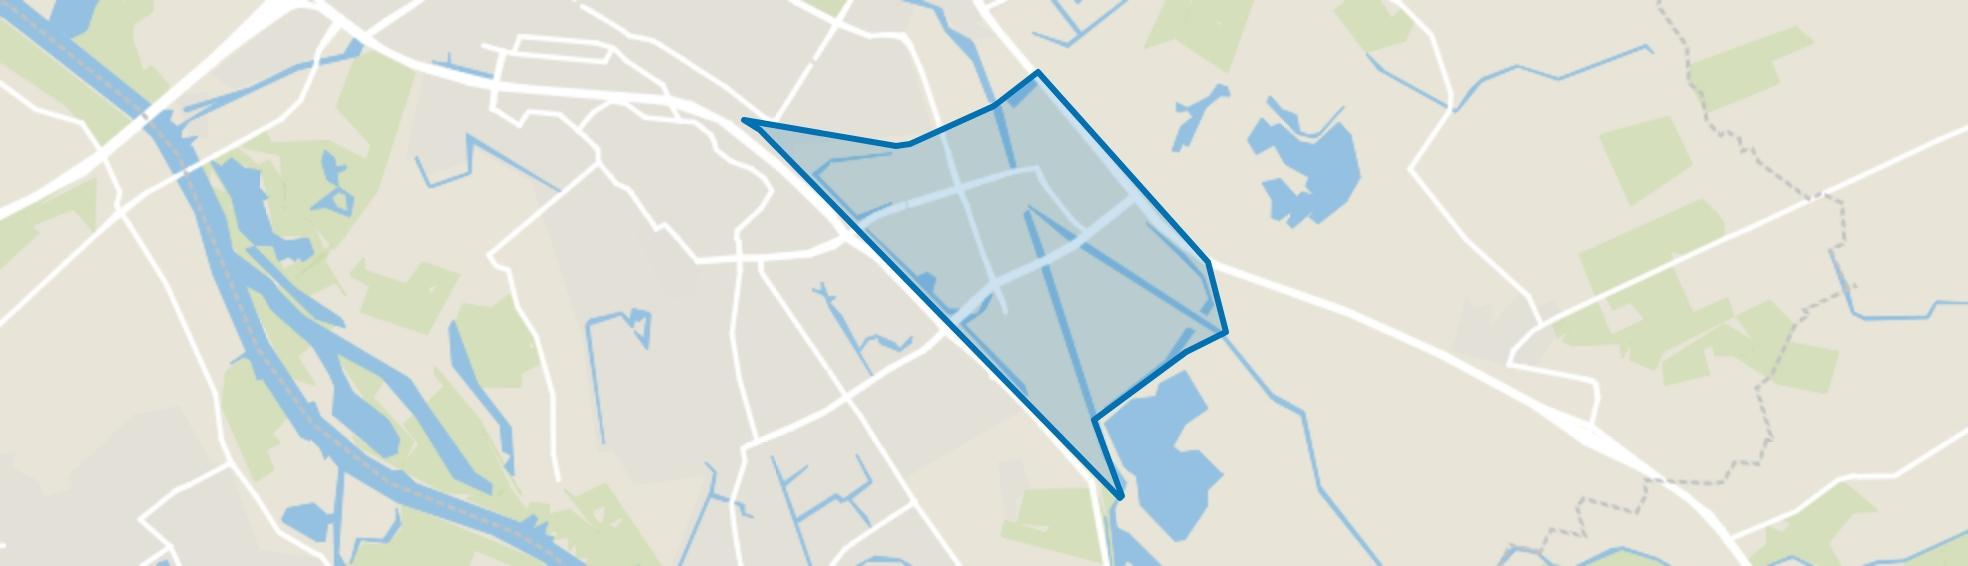 Bedrijventerrein Marslanden-Zuid, Zwolle map